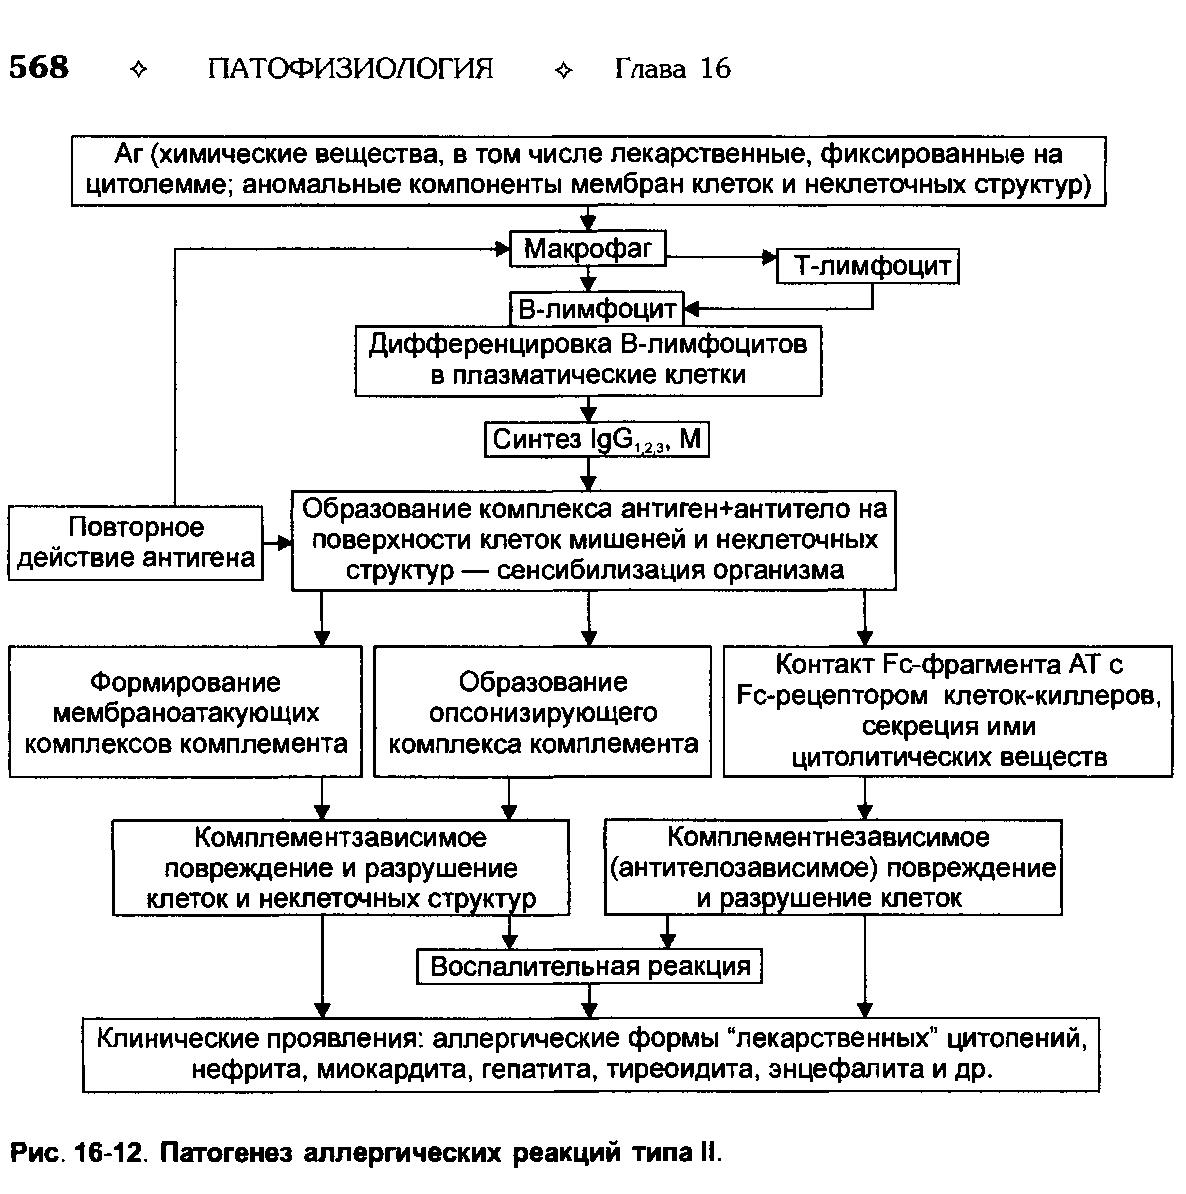 Механизмы аллергии, механизм формирования аллергических реакций